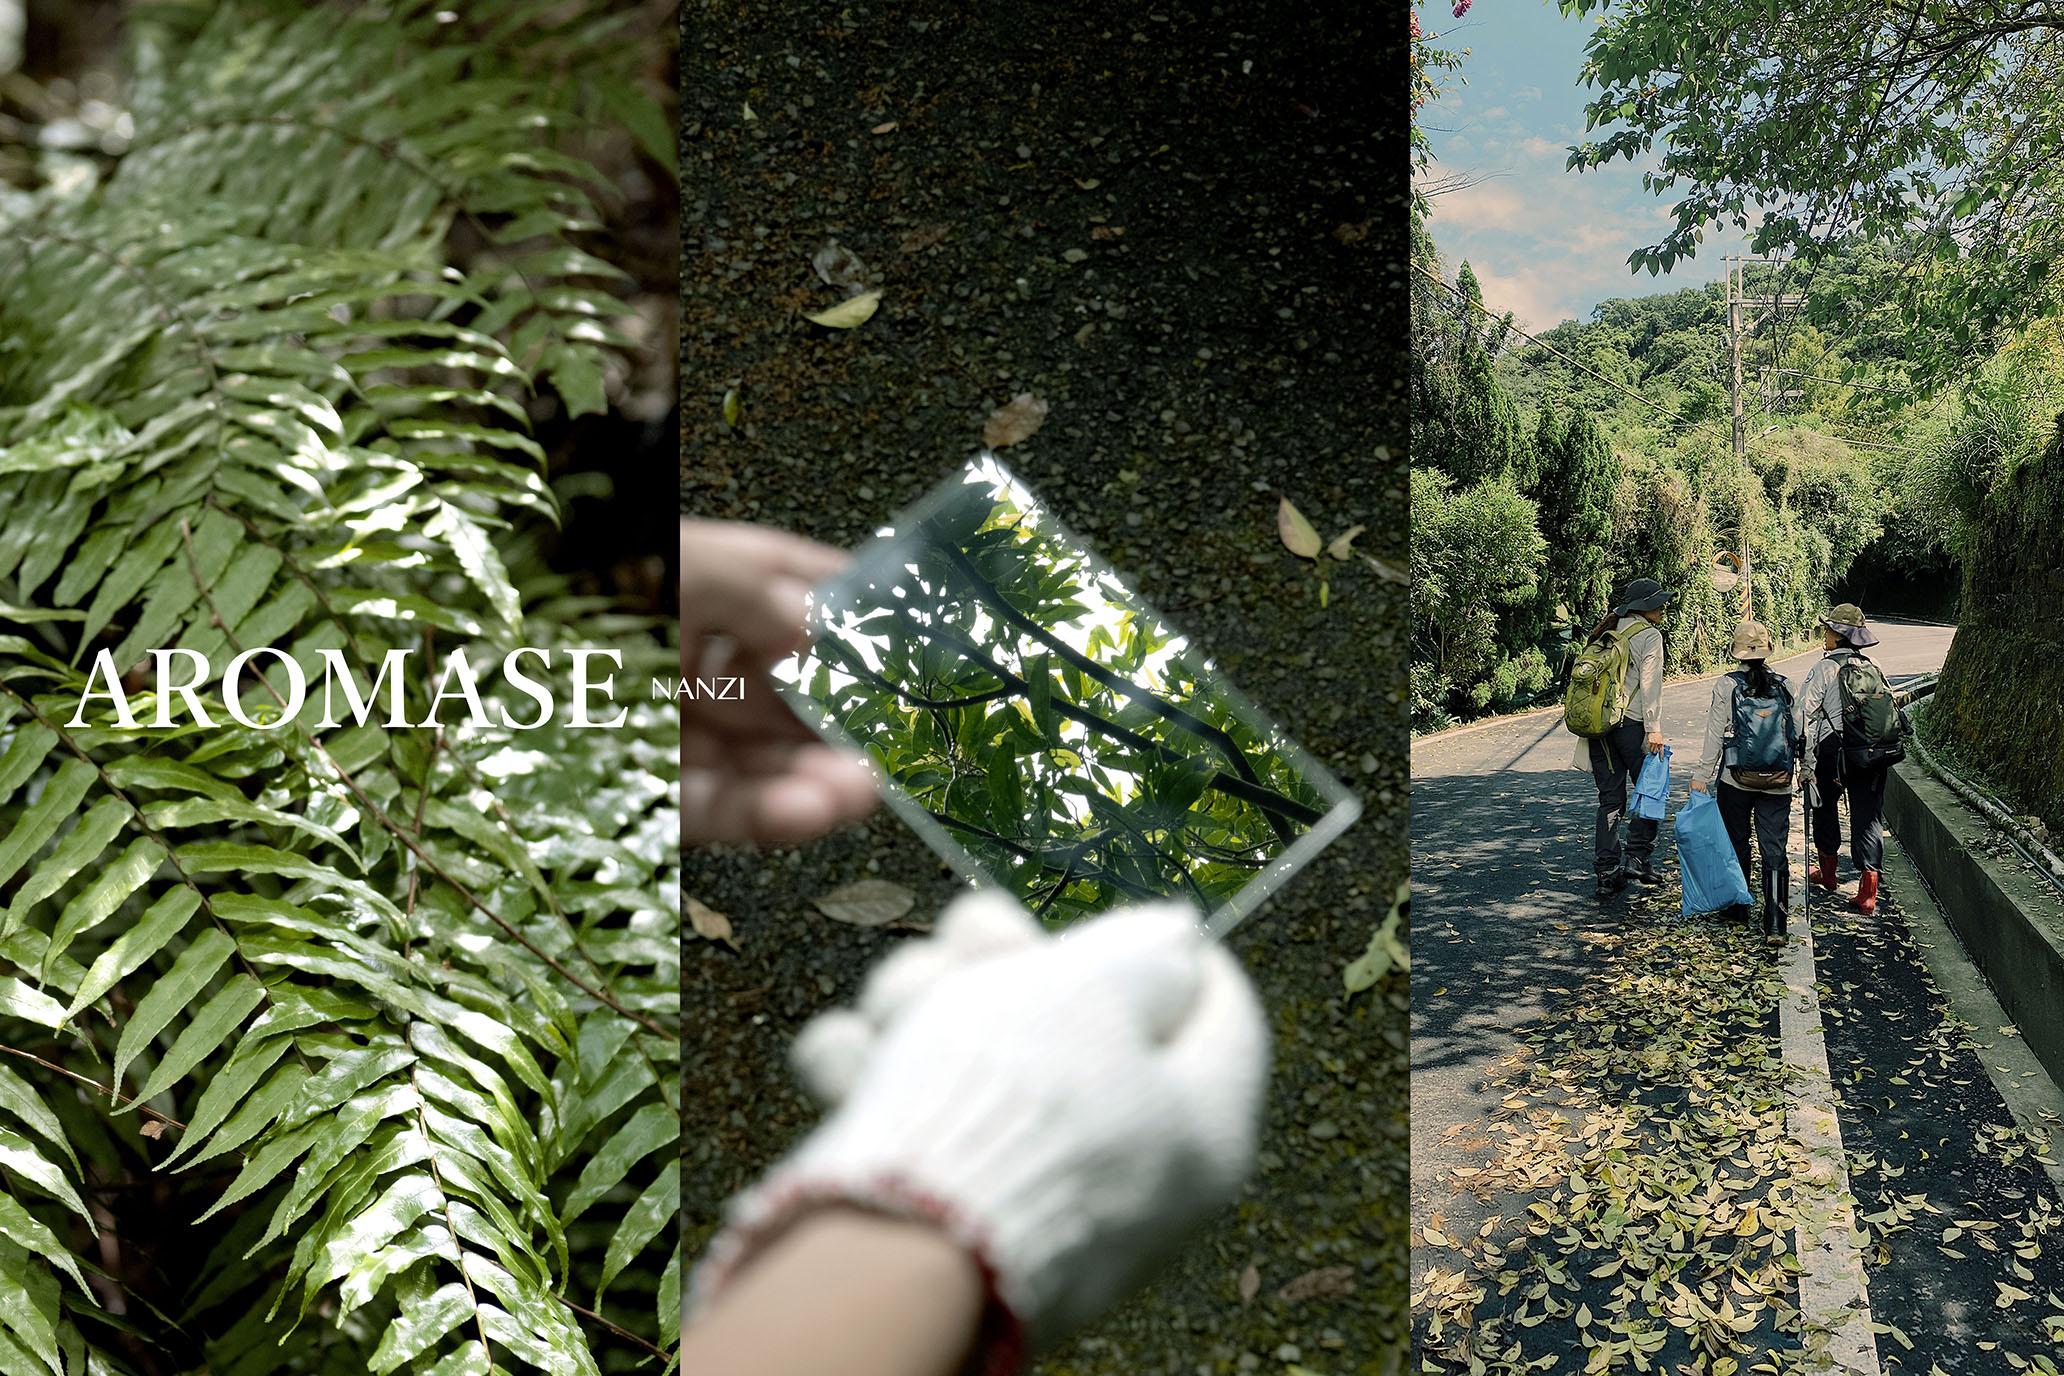 網站近期文章:友善地球的生活方式,從淨山養樹開始|艾瑪絲Aromase